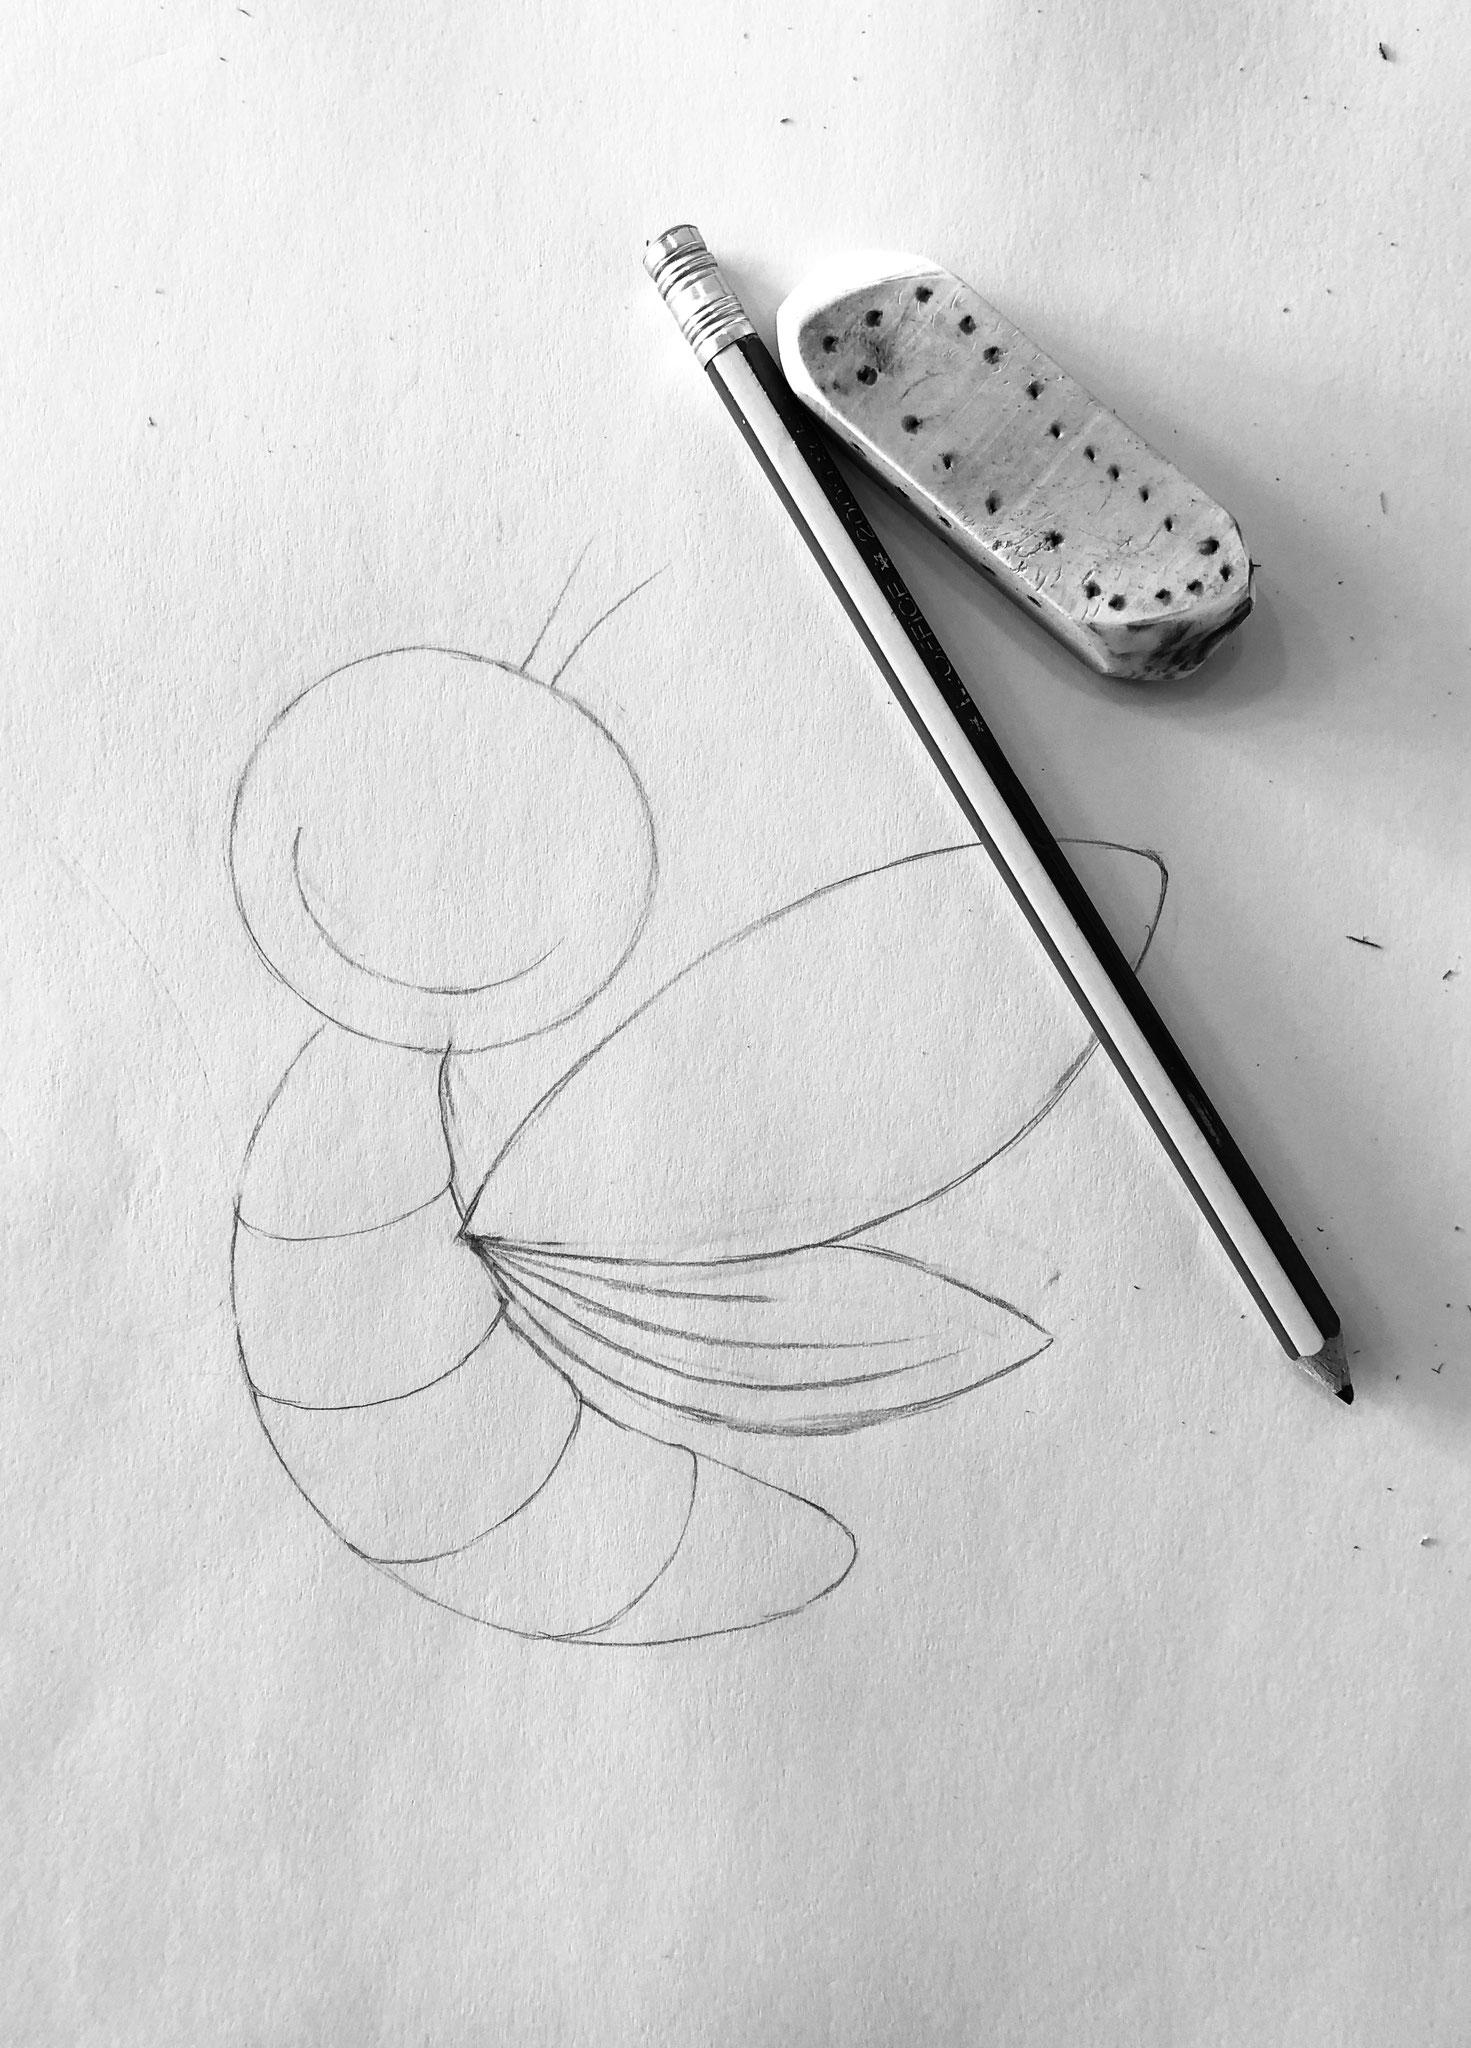 Entwurf mit Bleistift